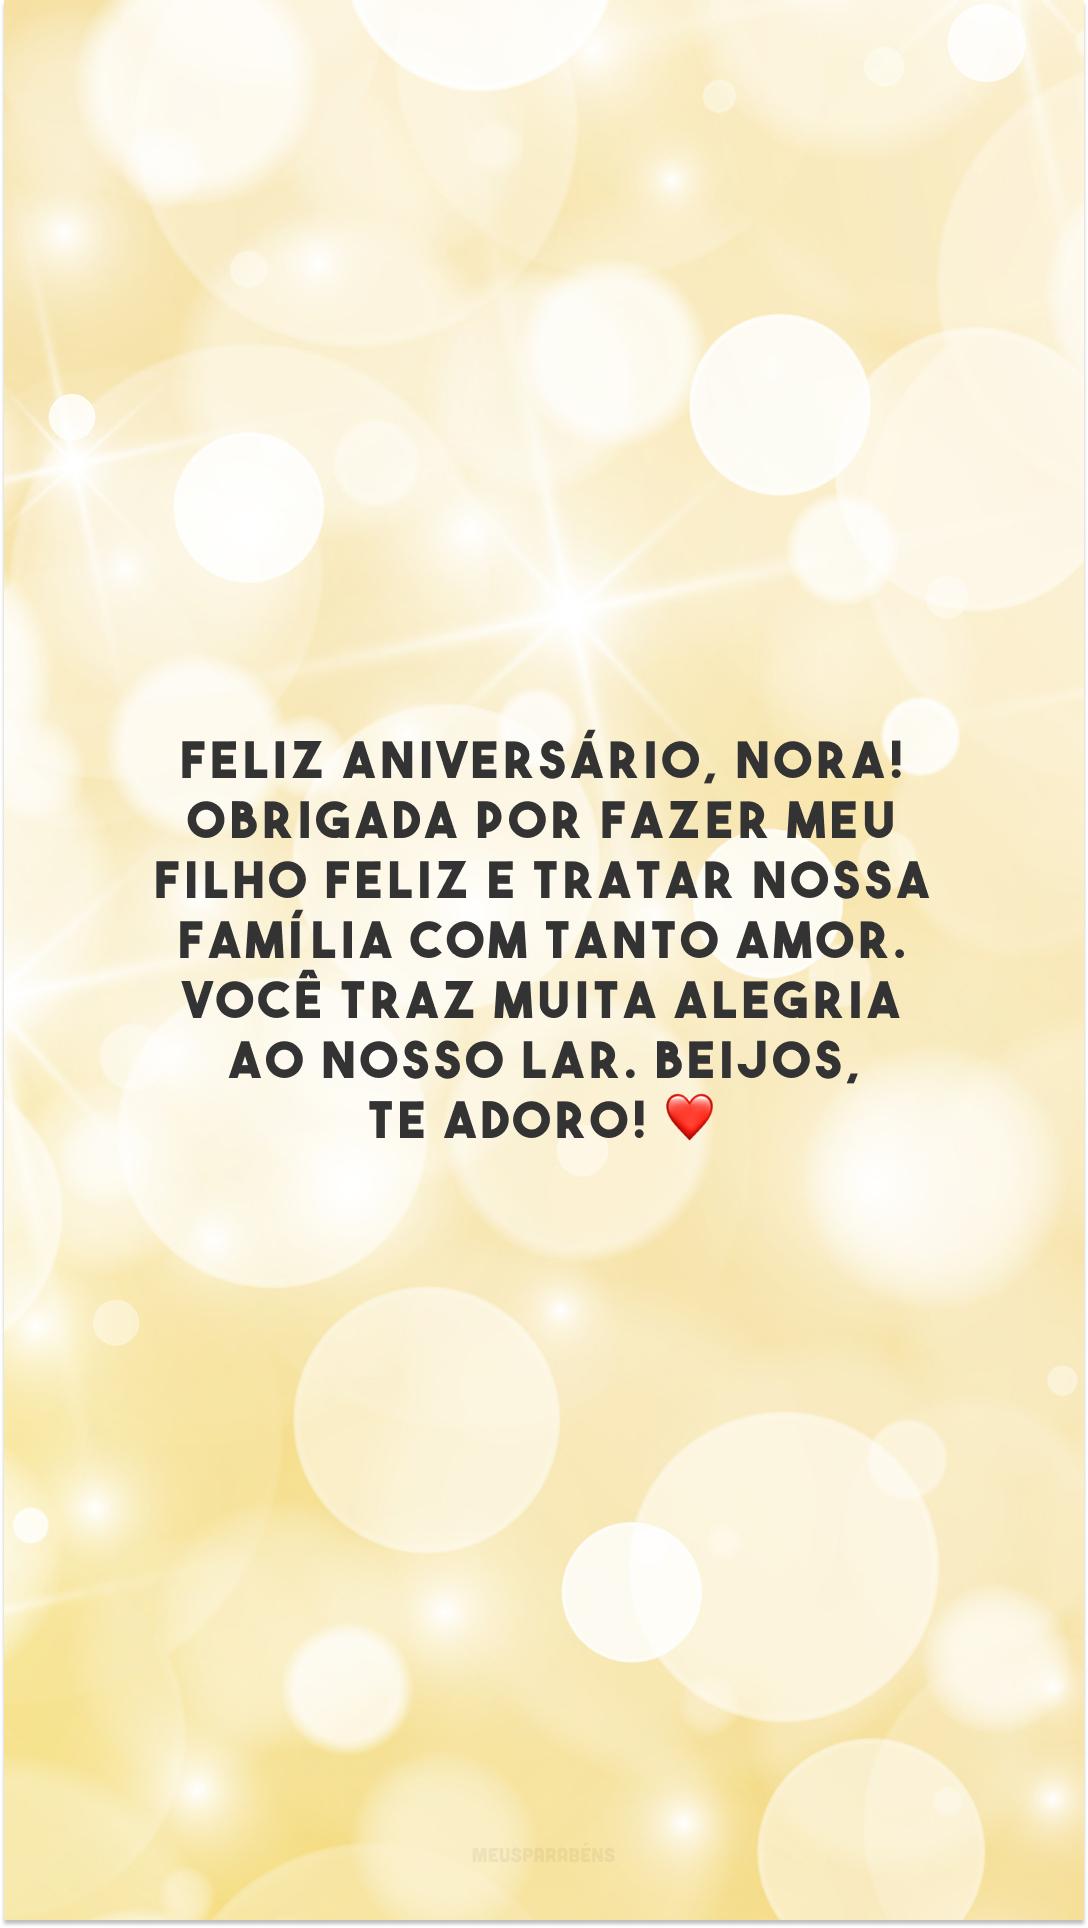 Feliz aniversário, nora! Obrigada por fazer meu filho feliz e tratar nossa família com tanto amor. Você traz muita alegria ao nosso lar. Beijos, te adoro! ❤️